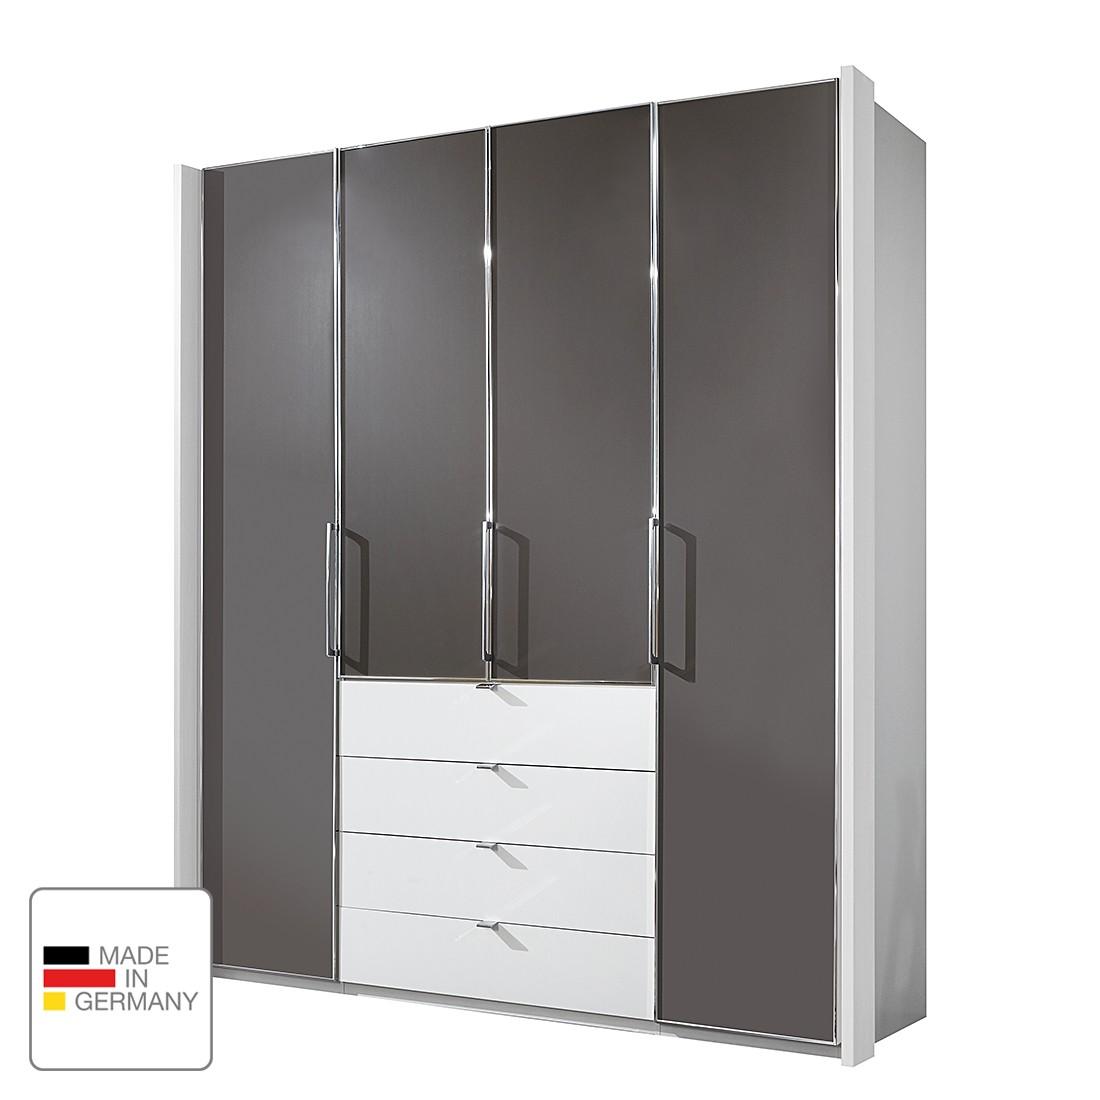 Drehtürenschrank Monza II – Alpinweiß/Havanna – Ohne Beleuchtung – 300 cm (6-türig) – 236 cm, Althoff bestellen